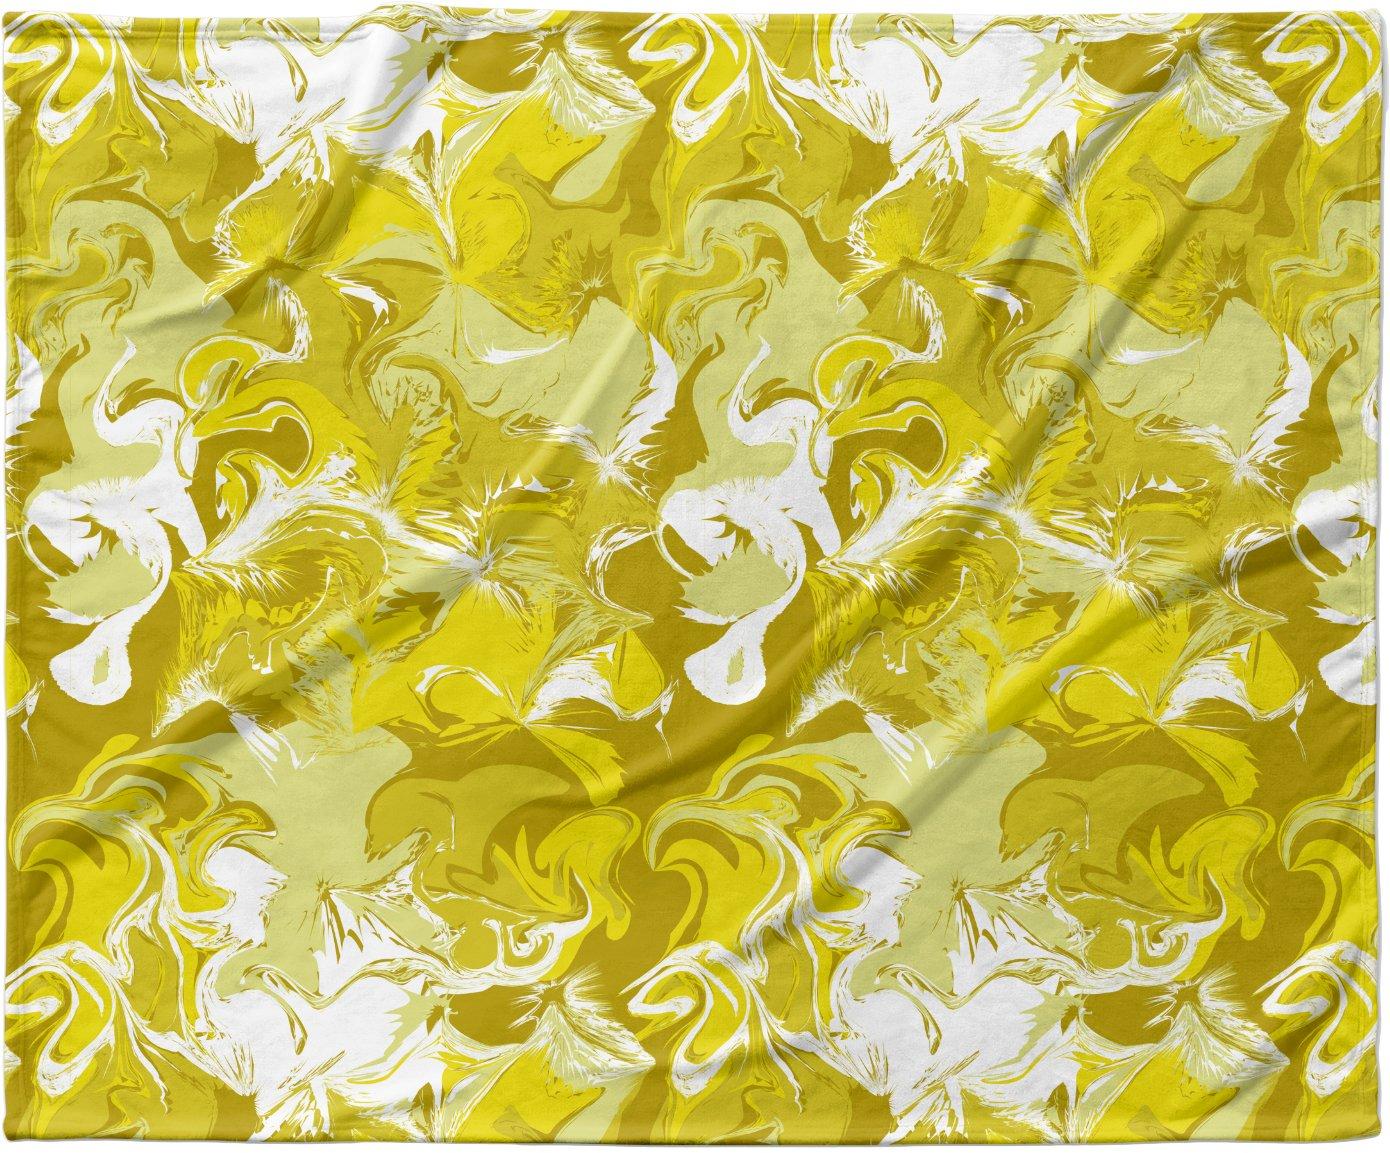 40 x 30 KESS InHouse Anneline Sophia Marbleized In Gold Yellow Fleece Baby Blanket